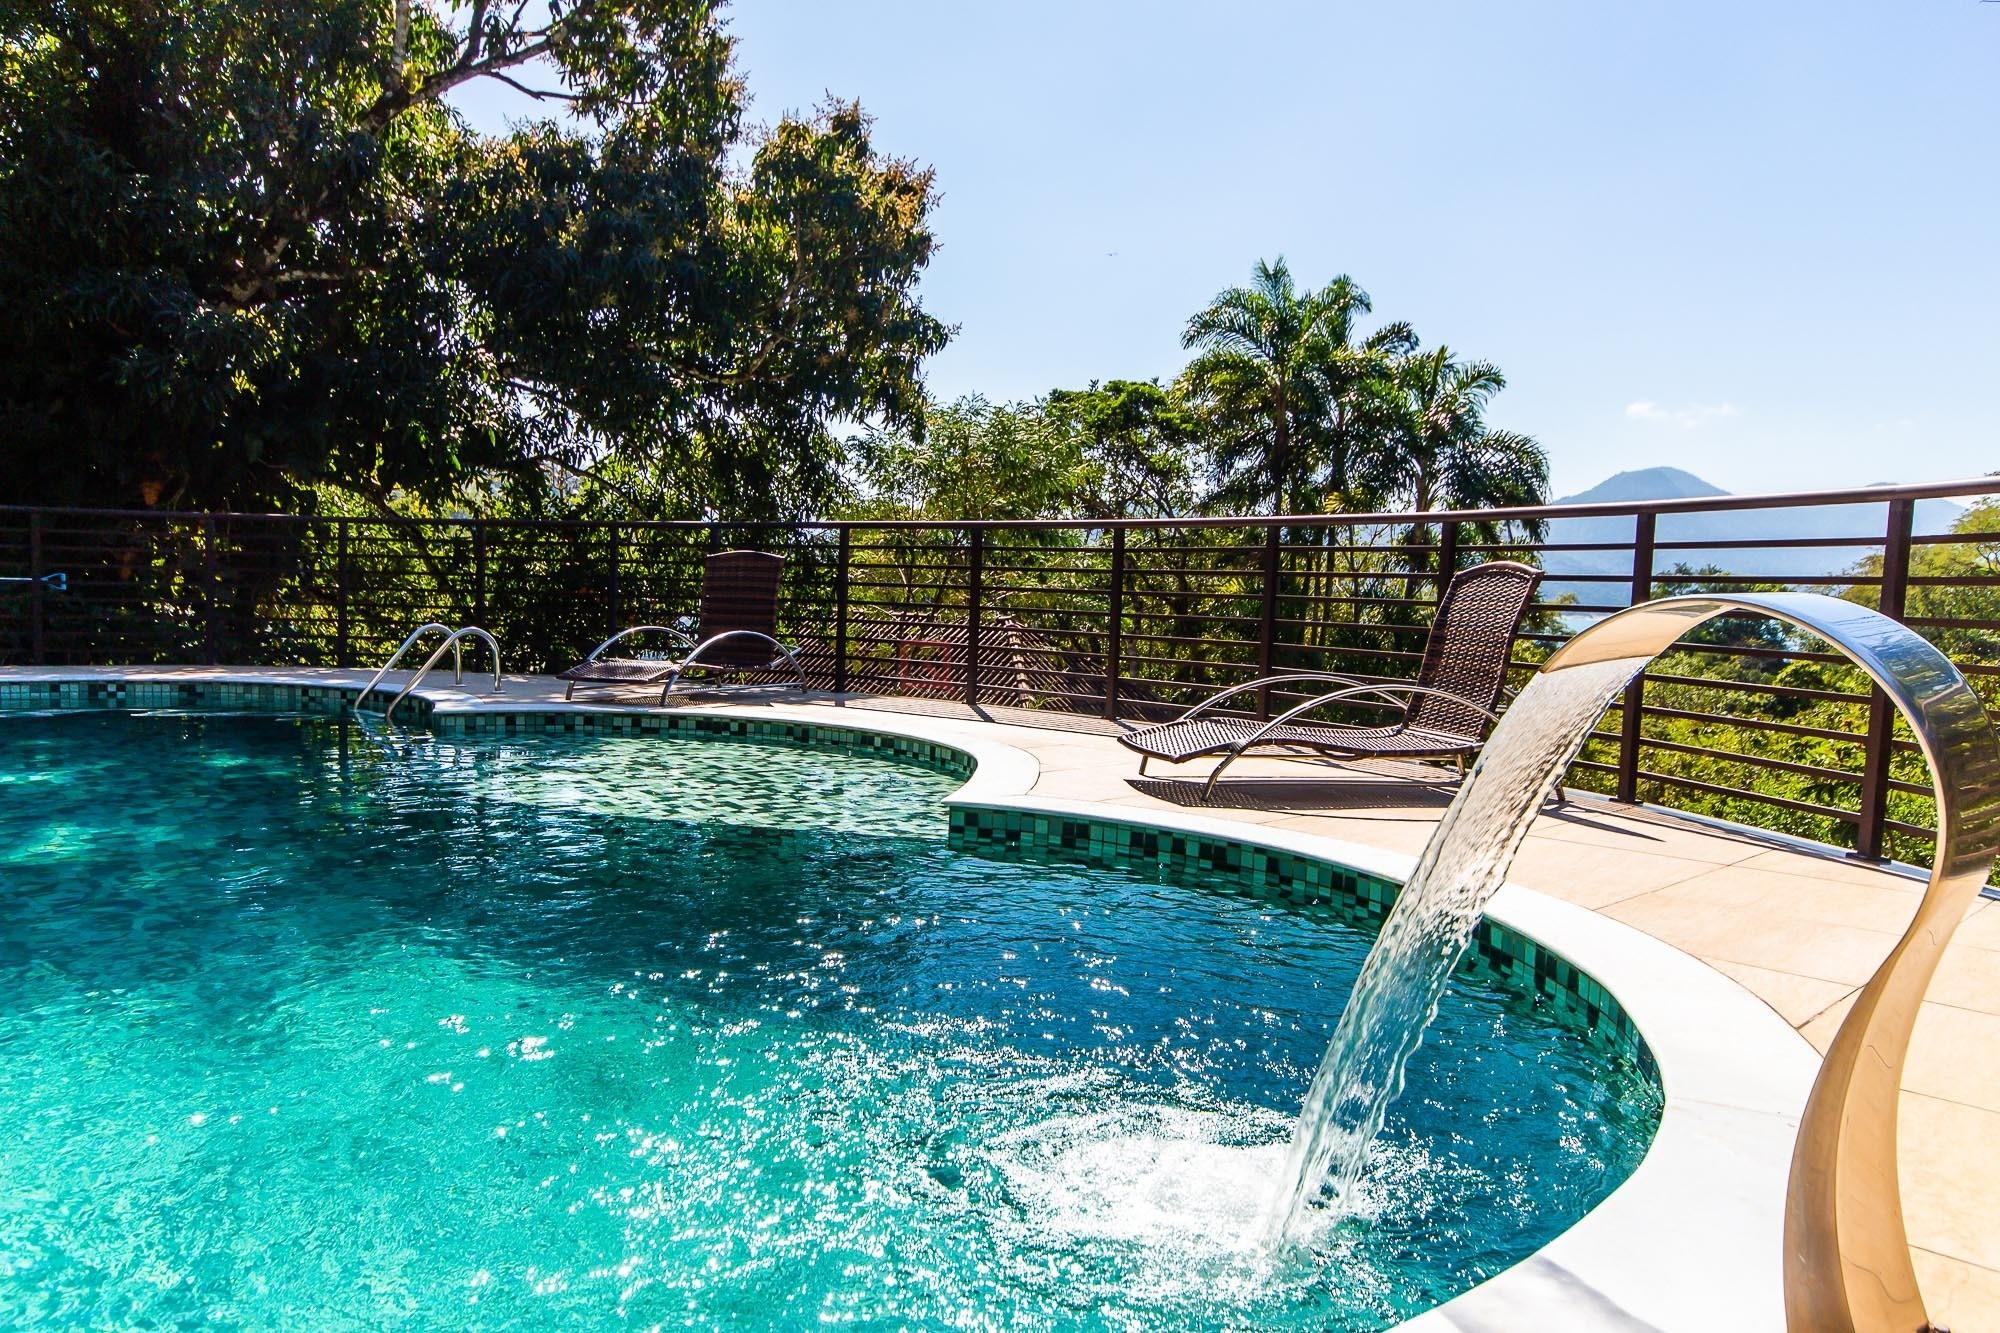 Casa com 5 dormitórios à venda em Ubatuba, no bairro Praia Vermelha Do Sul